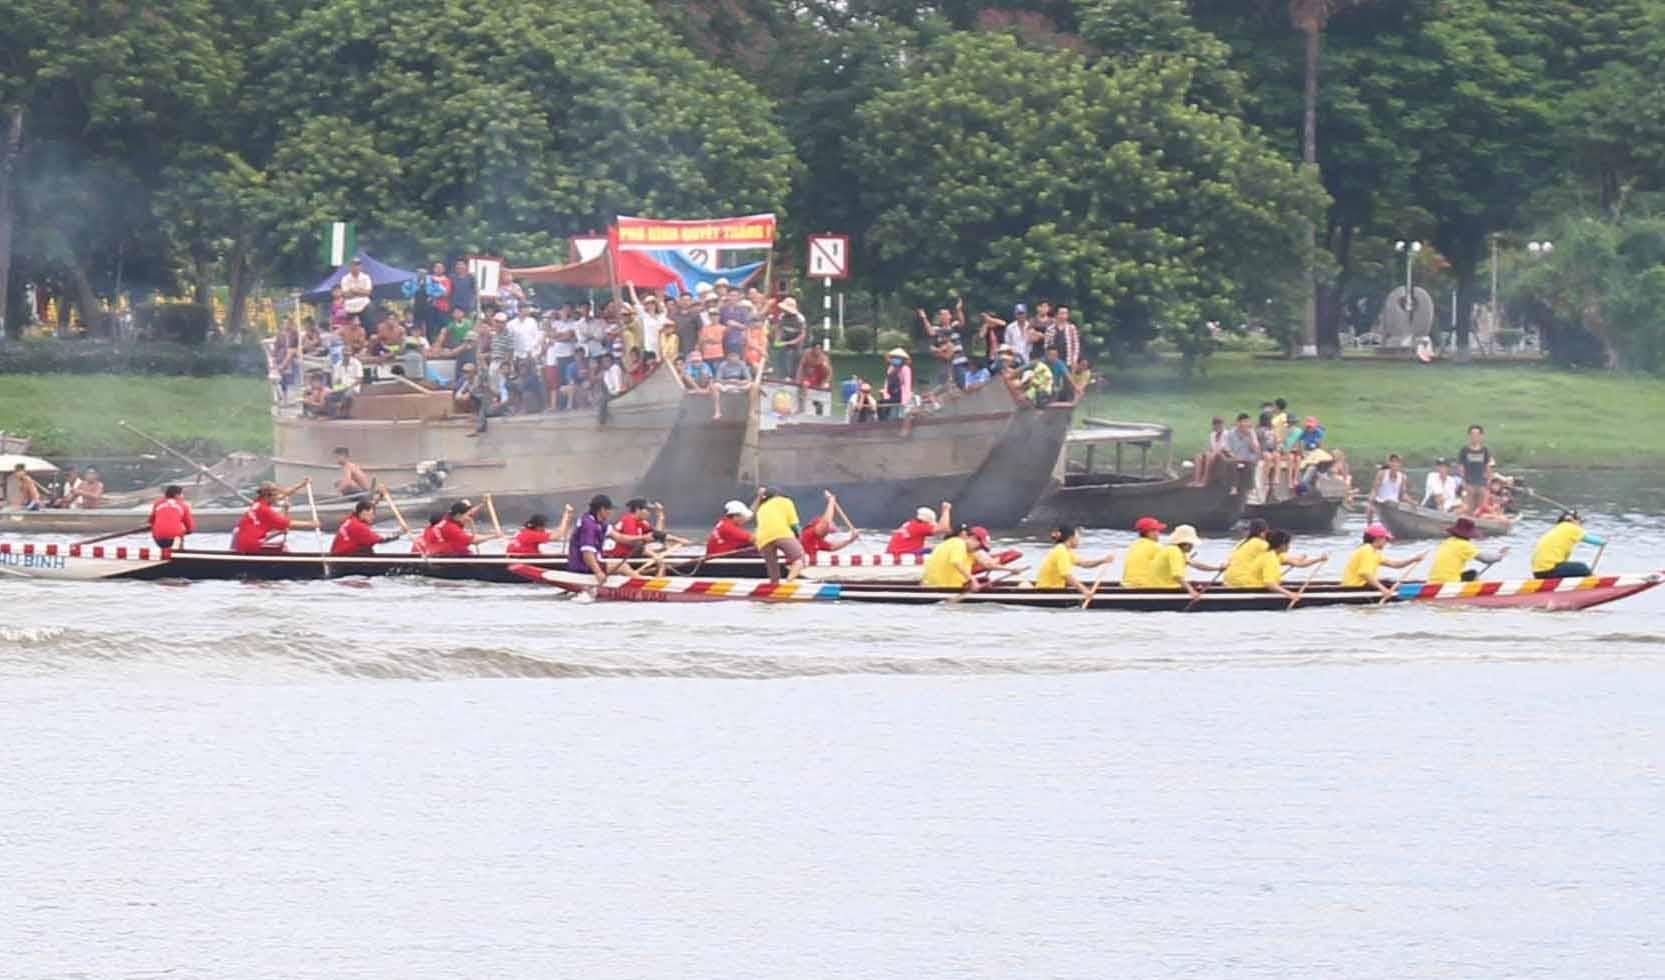 Sôi động lễ hội đua ghe trên sông Hương ngày Quốc khánh - 4